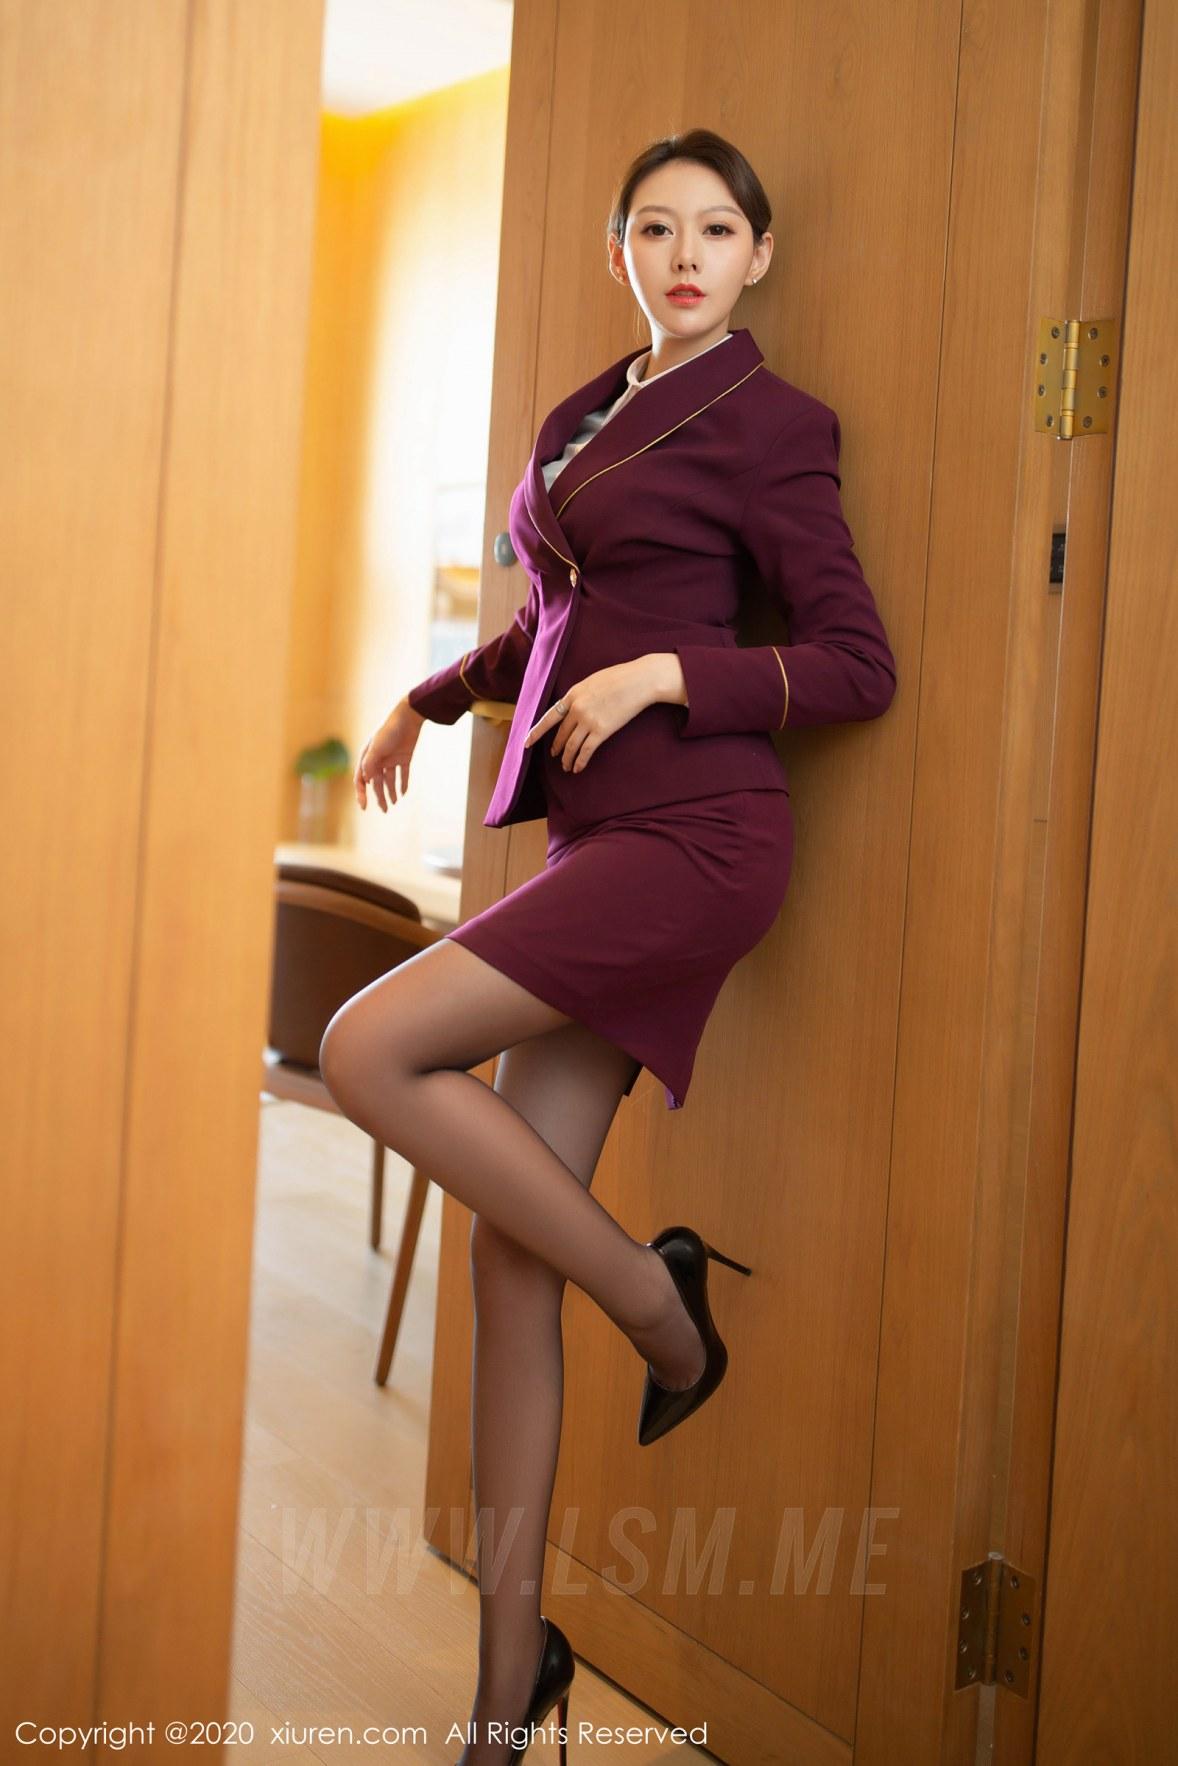 2238 019 aei 3601 5400 - XiuRen 秀人 No.2238 职业空姐制服 艺轩 性感写真 - 秀人网 -【免费在线写真】【丽人丝语】